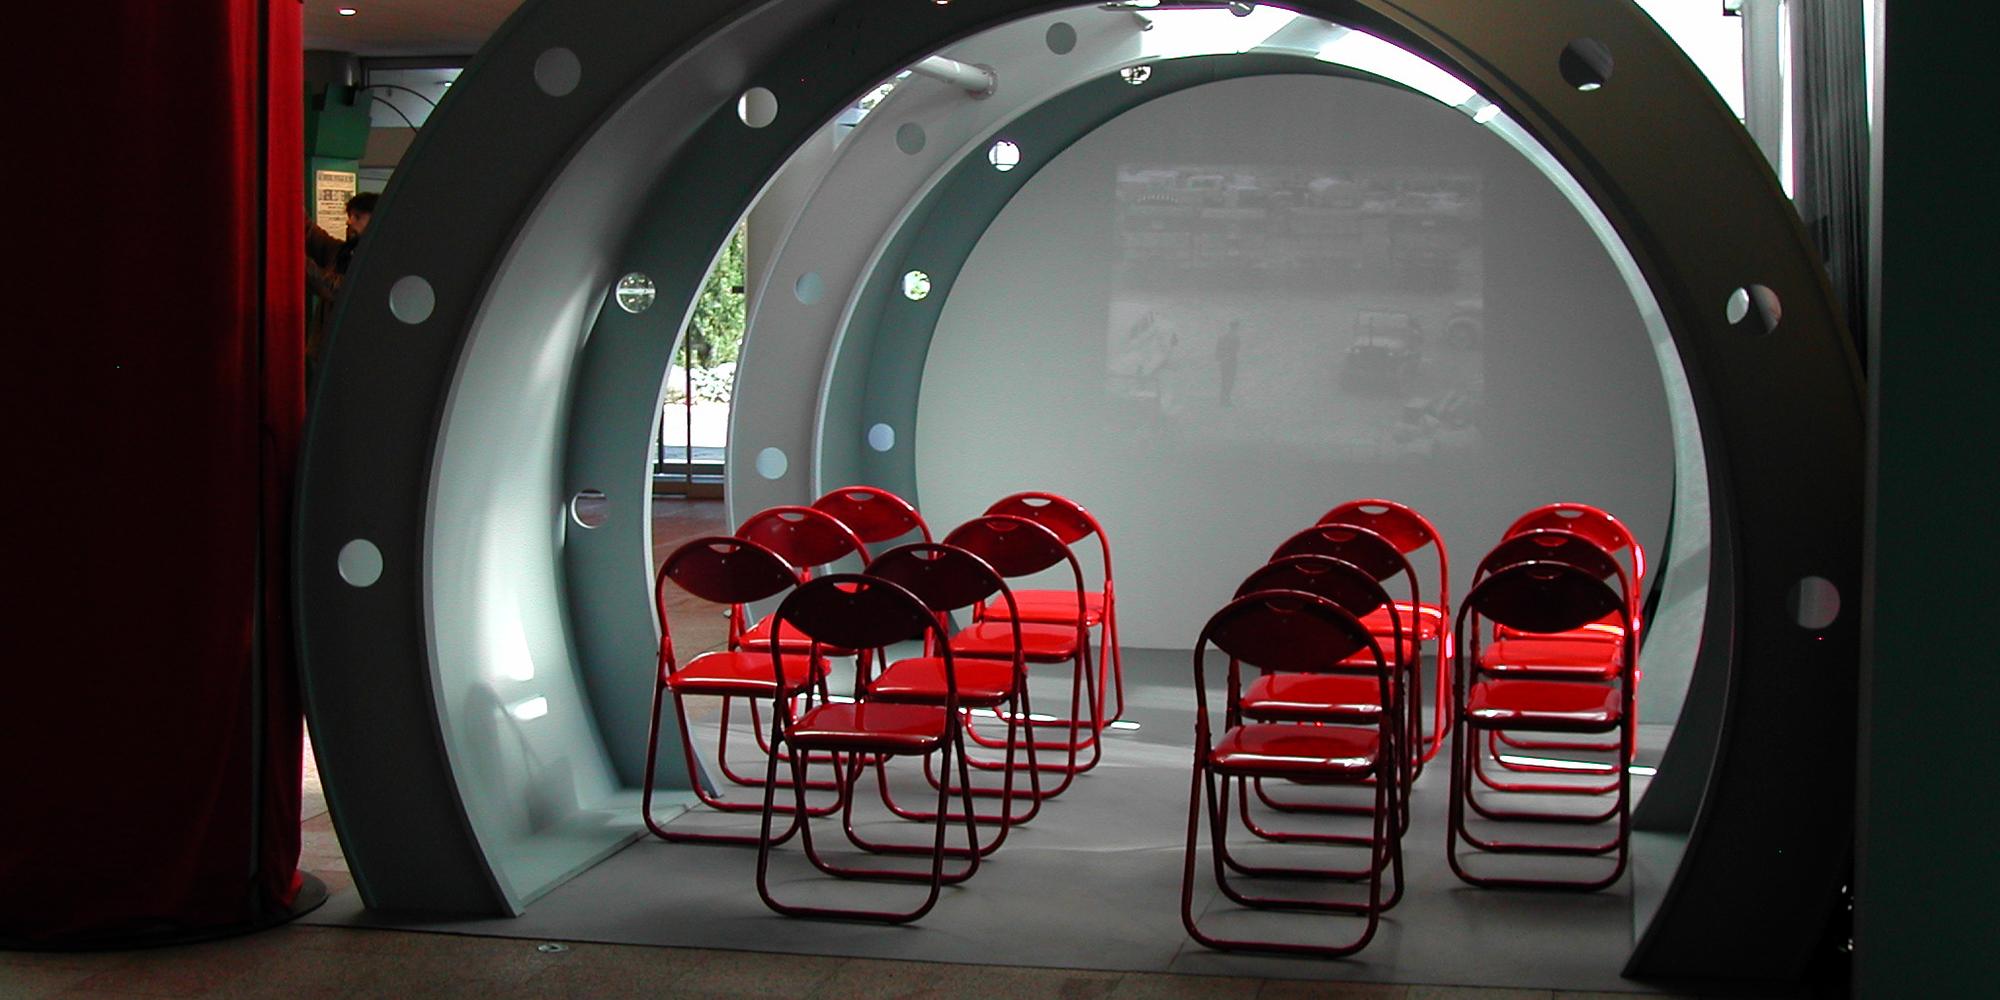 décor carlingue avion bombardier pour projection film lors d'une exposition sur la guerre